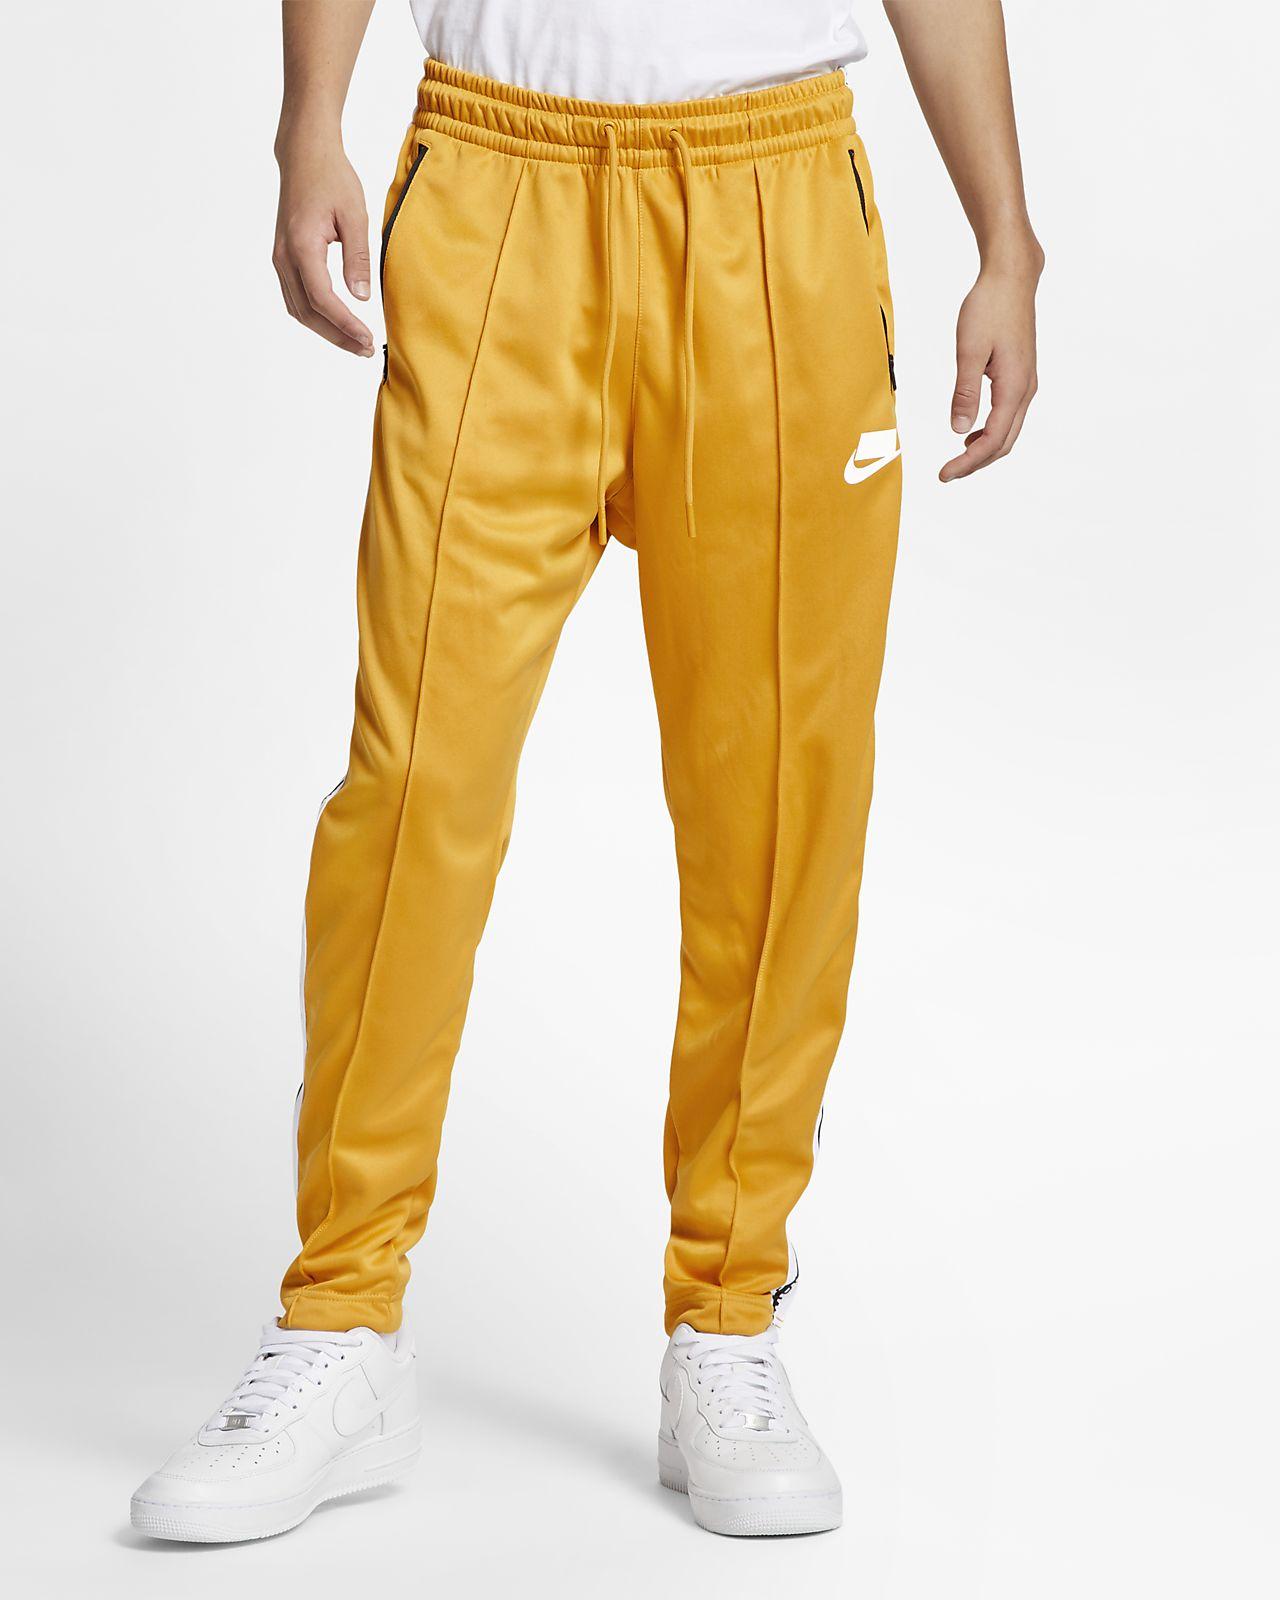 Nike Sportswear NSW Tracksuit Bottoms